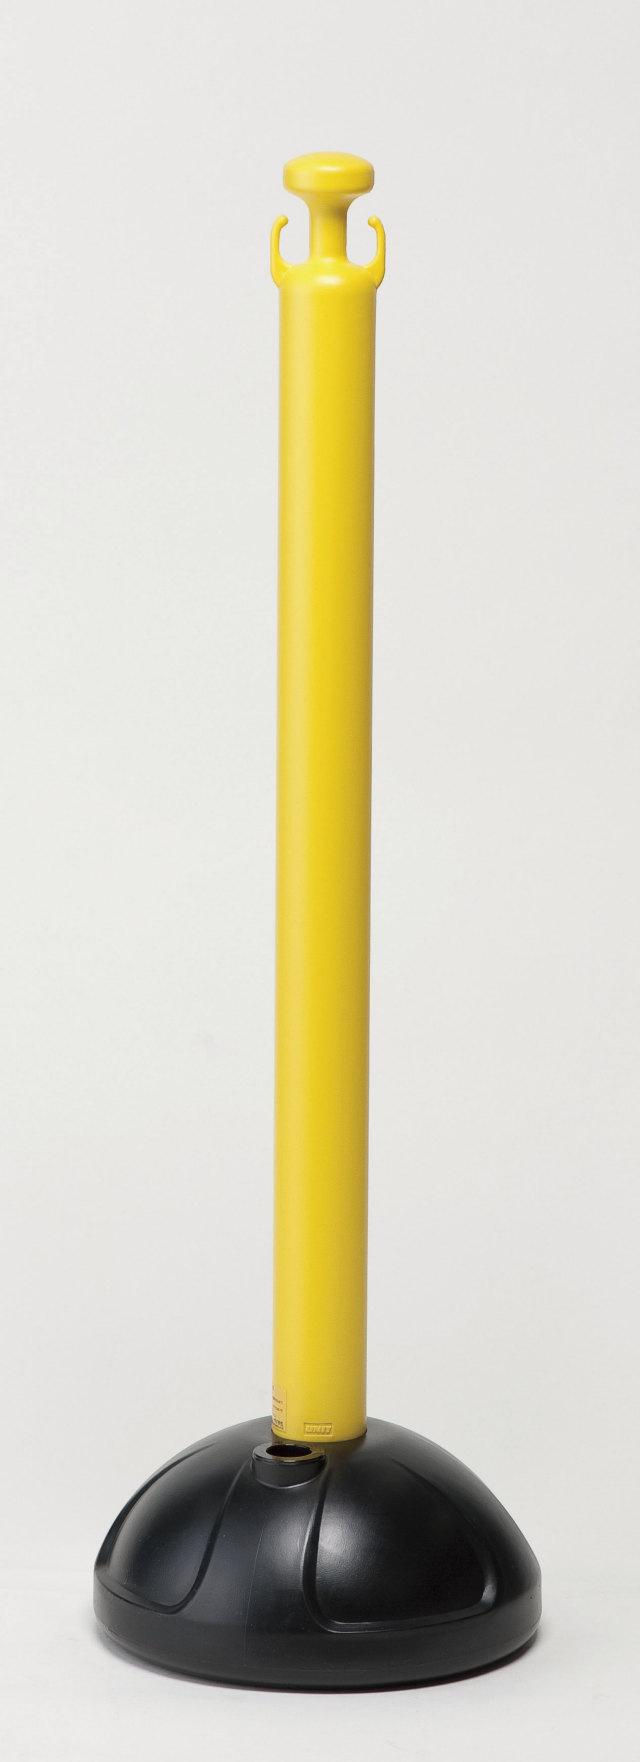 ロープスタンド黄